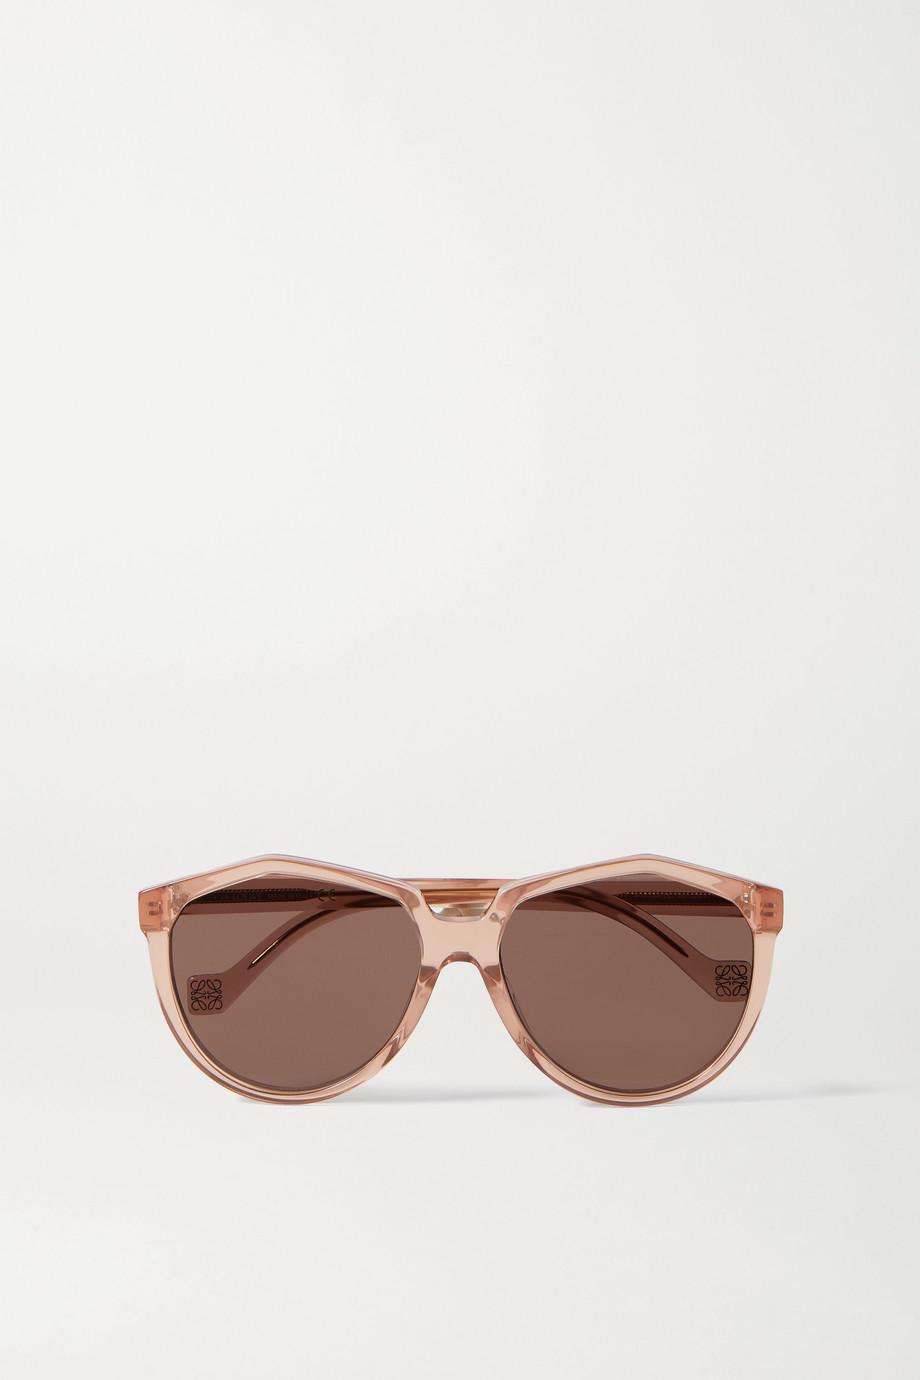 Loewe Sonnenbrille mit rundem Rahmen aus Azetat